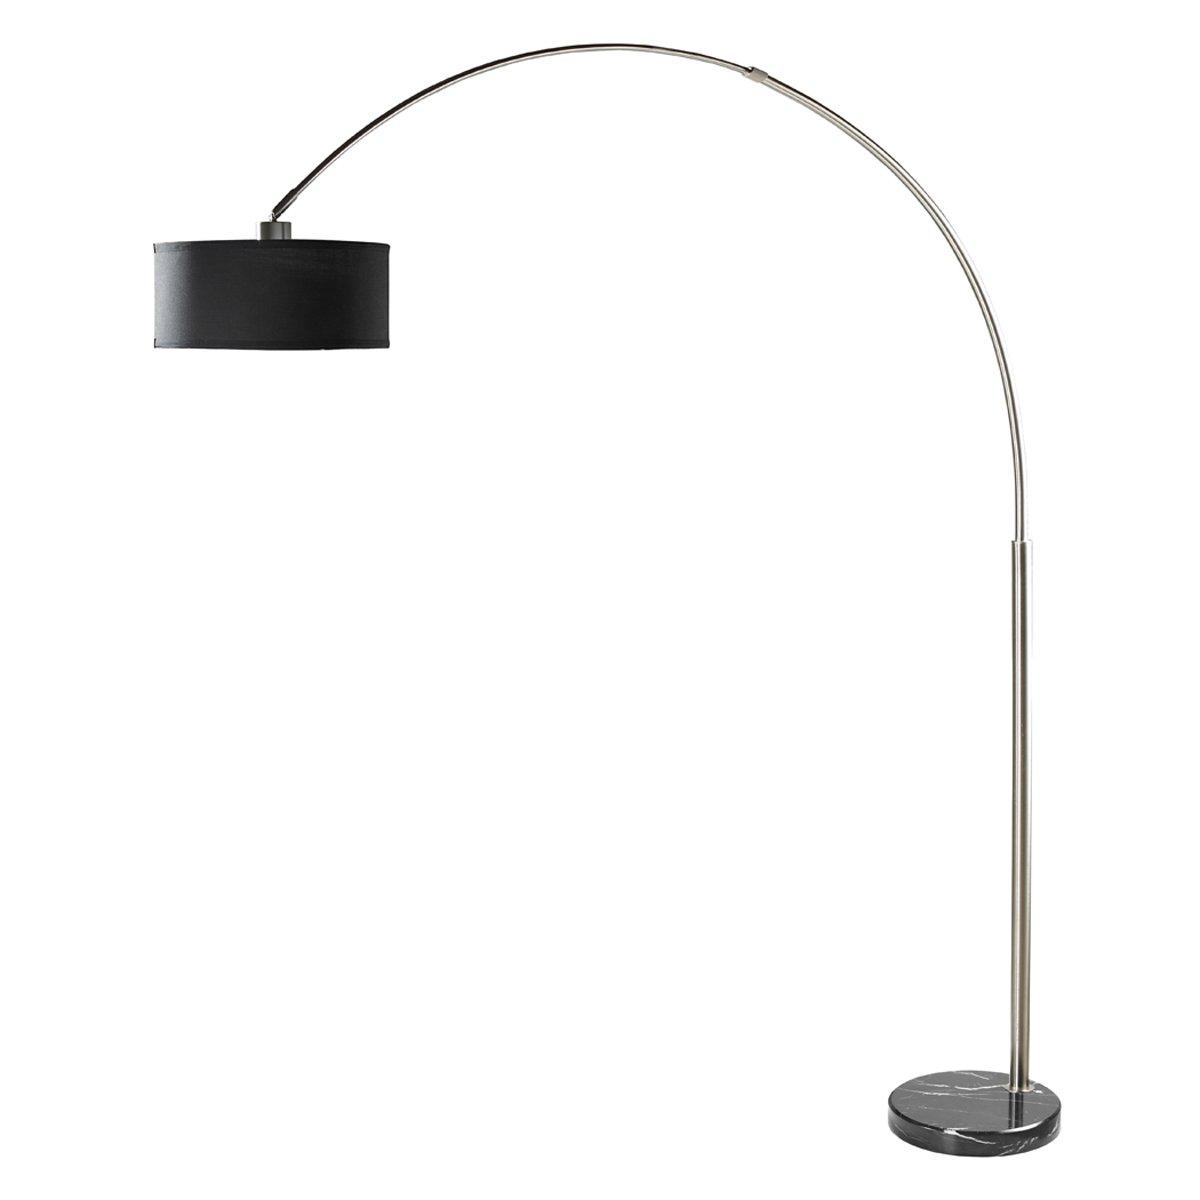 Milton Greens Stars Sophia Adjustable Arc Floor Lamp With